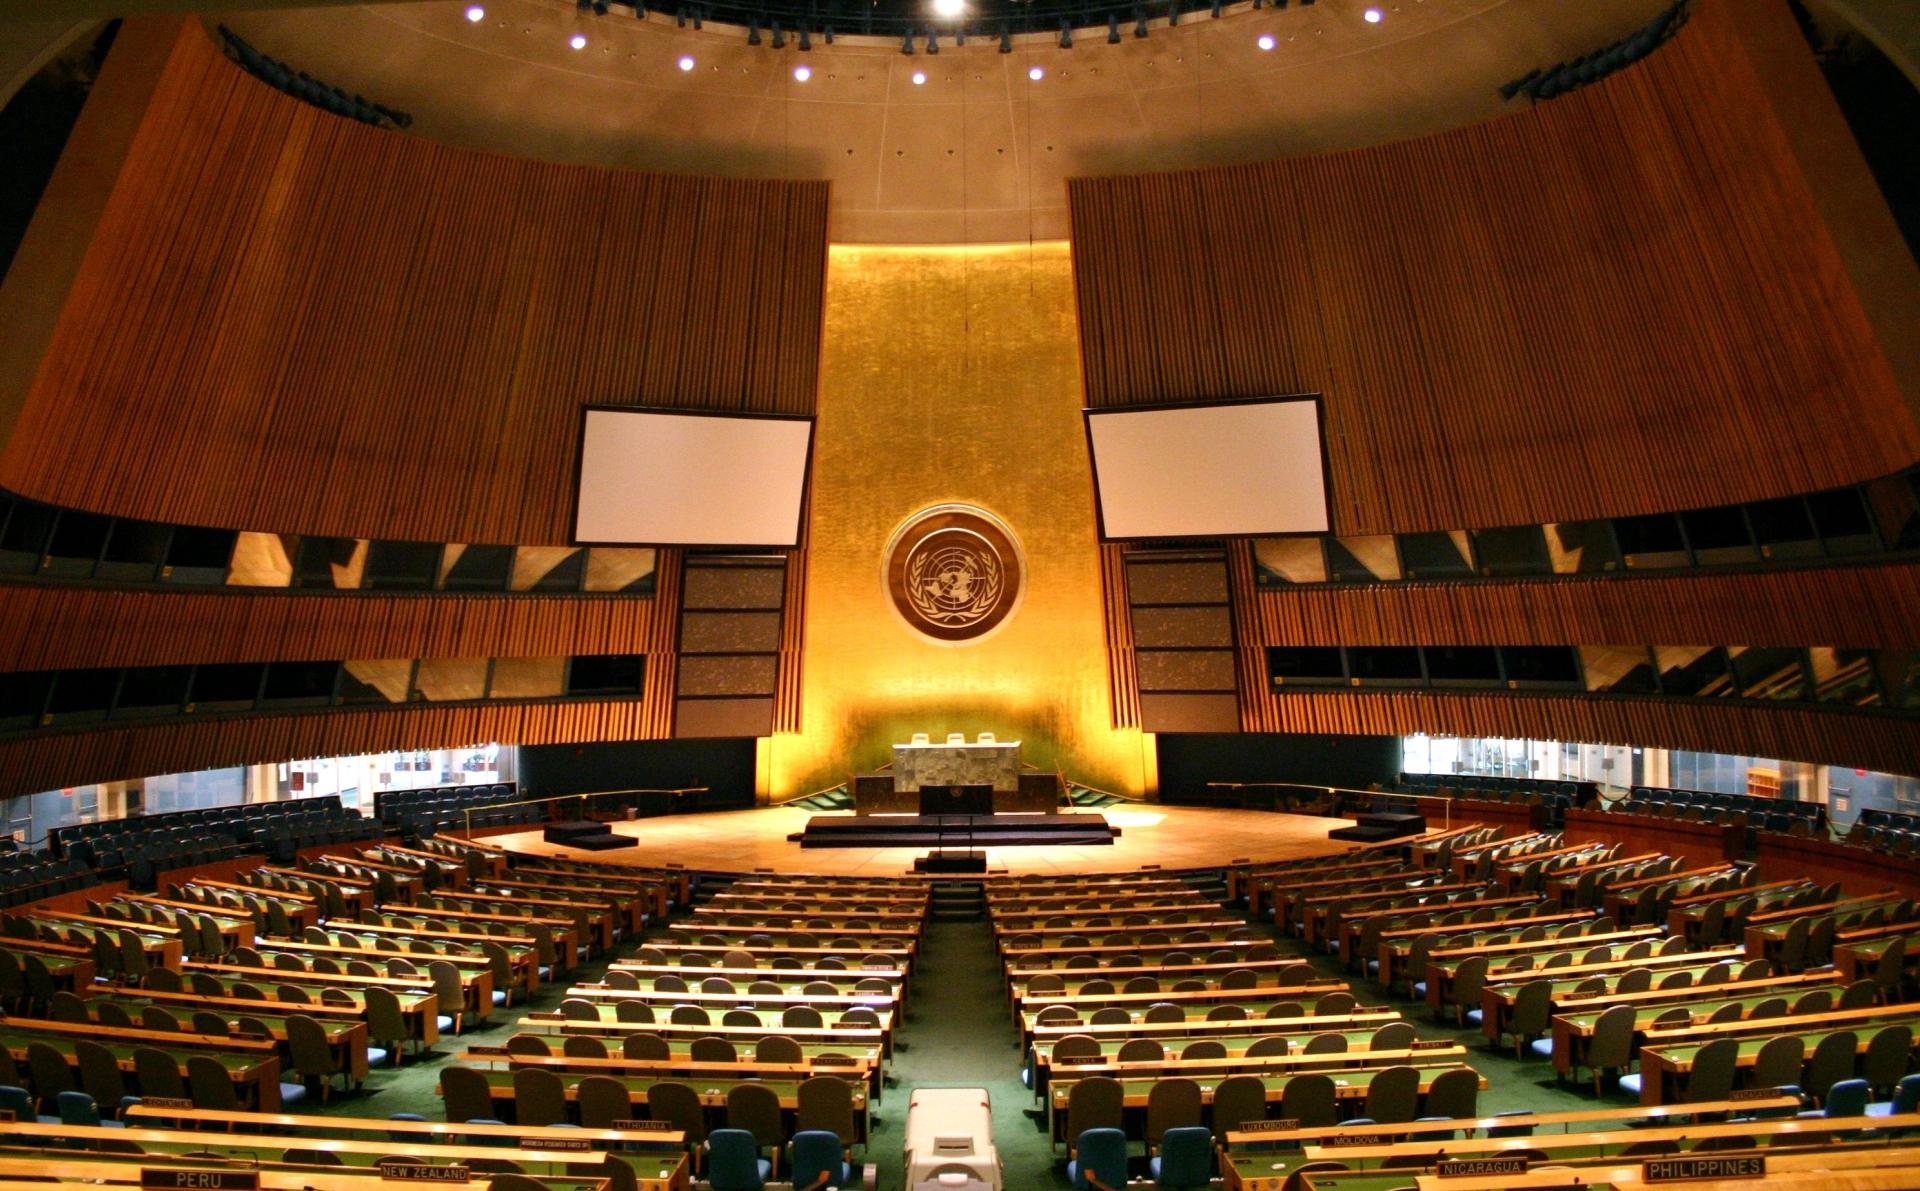 """הישג דיפלומטי; נציגי מדינות רבות נעדרו מאירוע של הפלסטינים באו""""ם"""